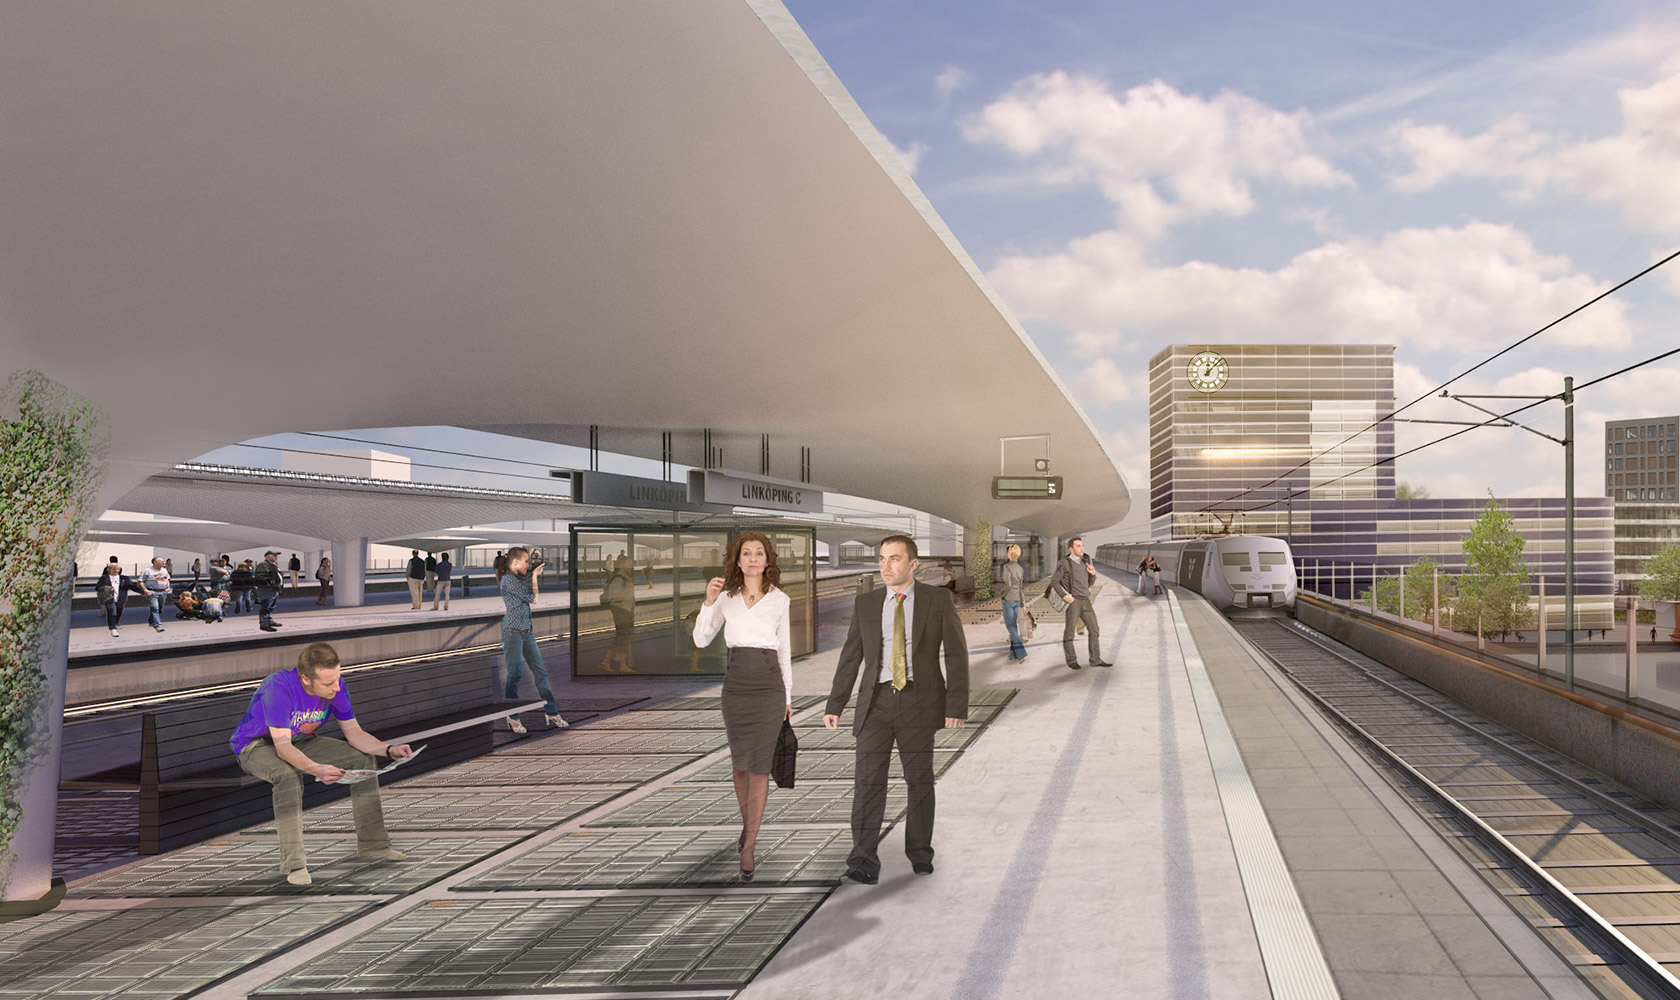 Station vid Linköpings nya resecentrum